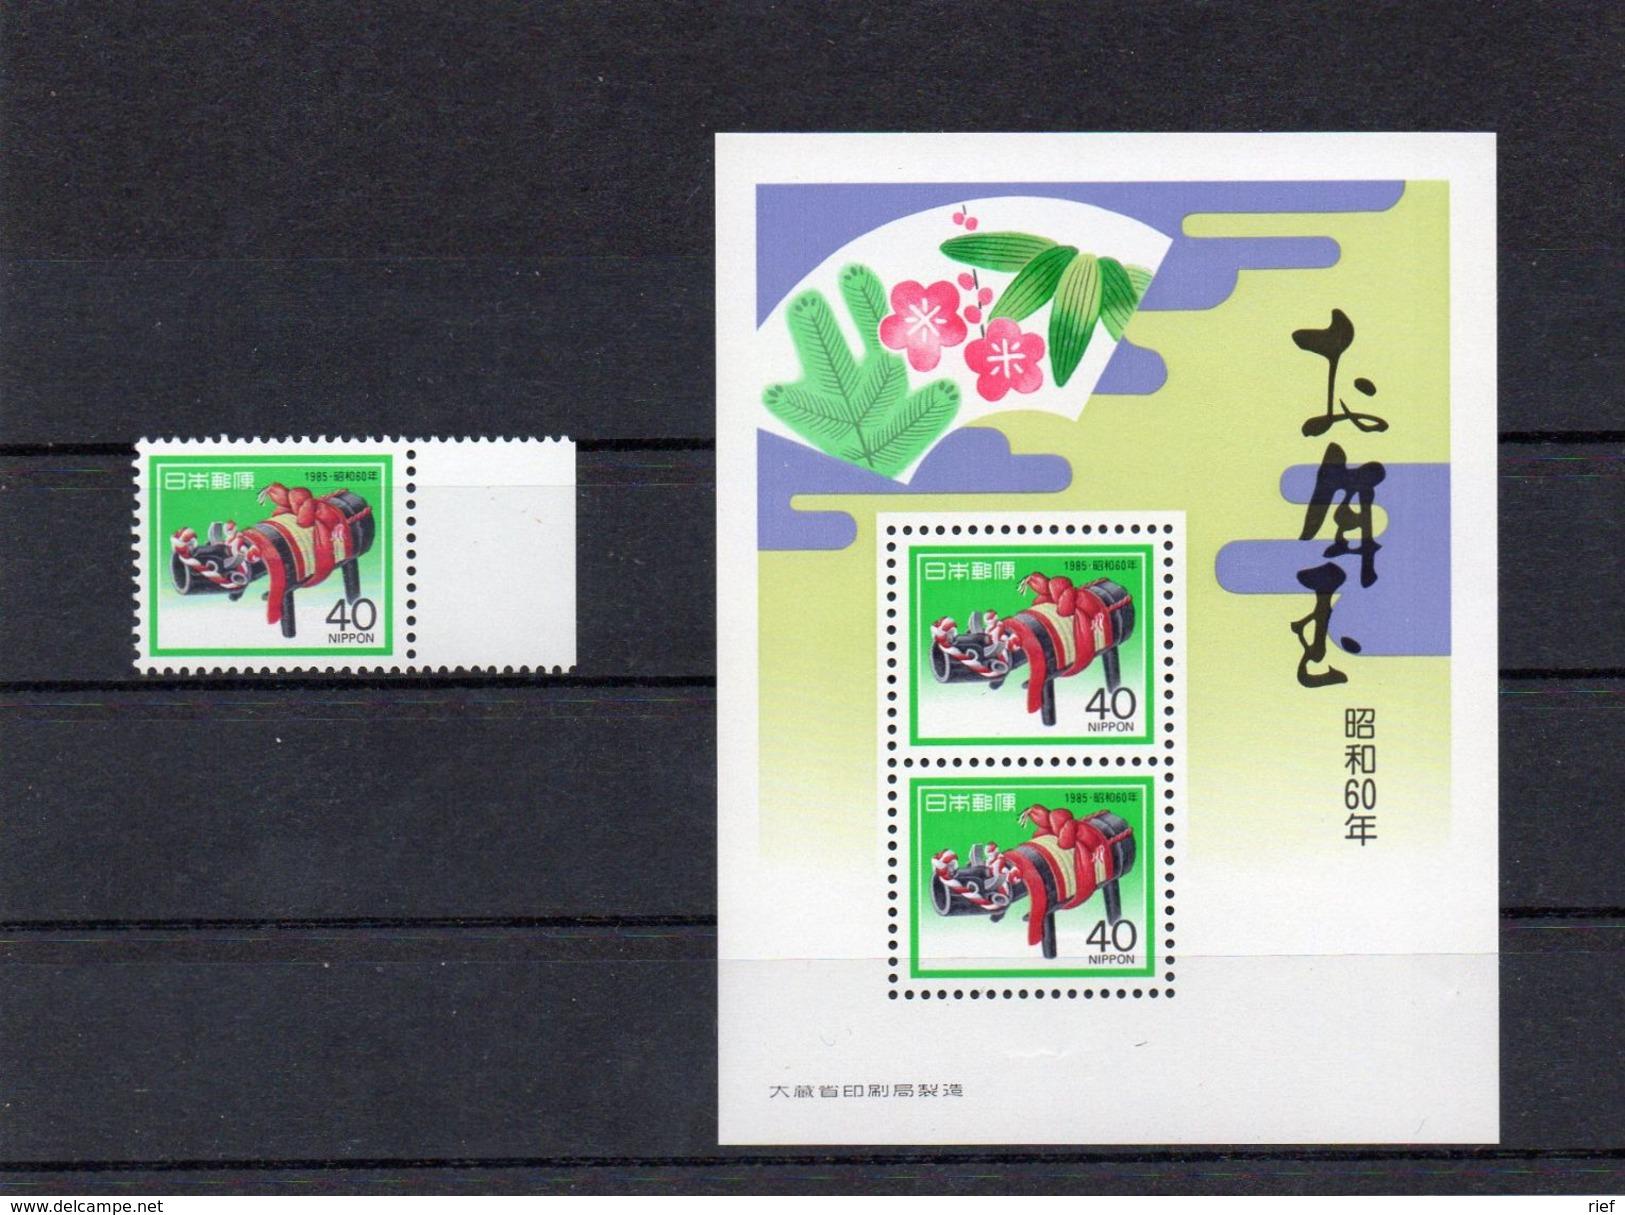 Japan, 1984, Michel 1613 Und Block 105, Postfrisch/**/MNH, Neujahr/Spielzeug - Neufs